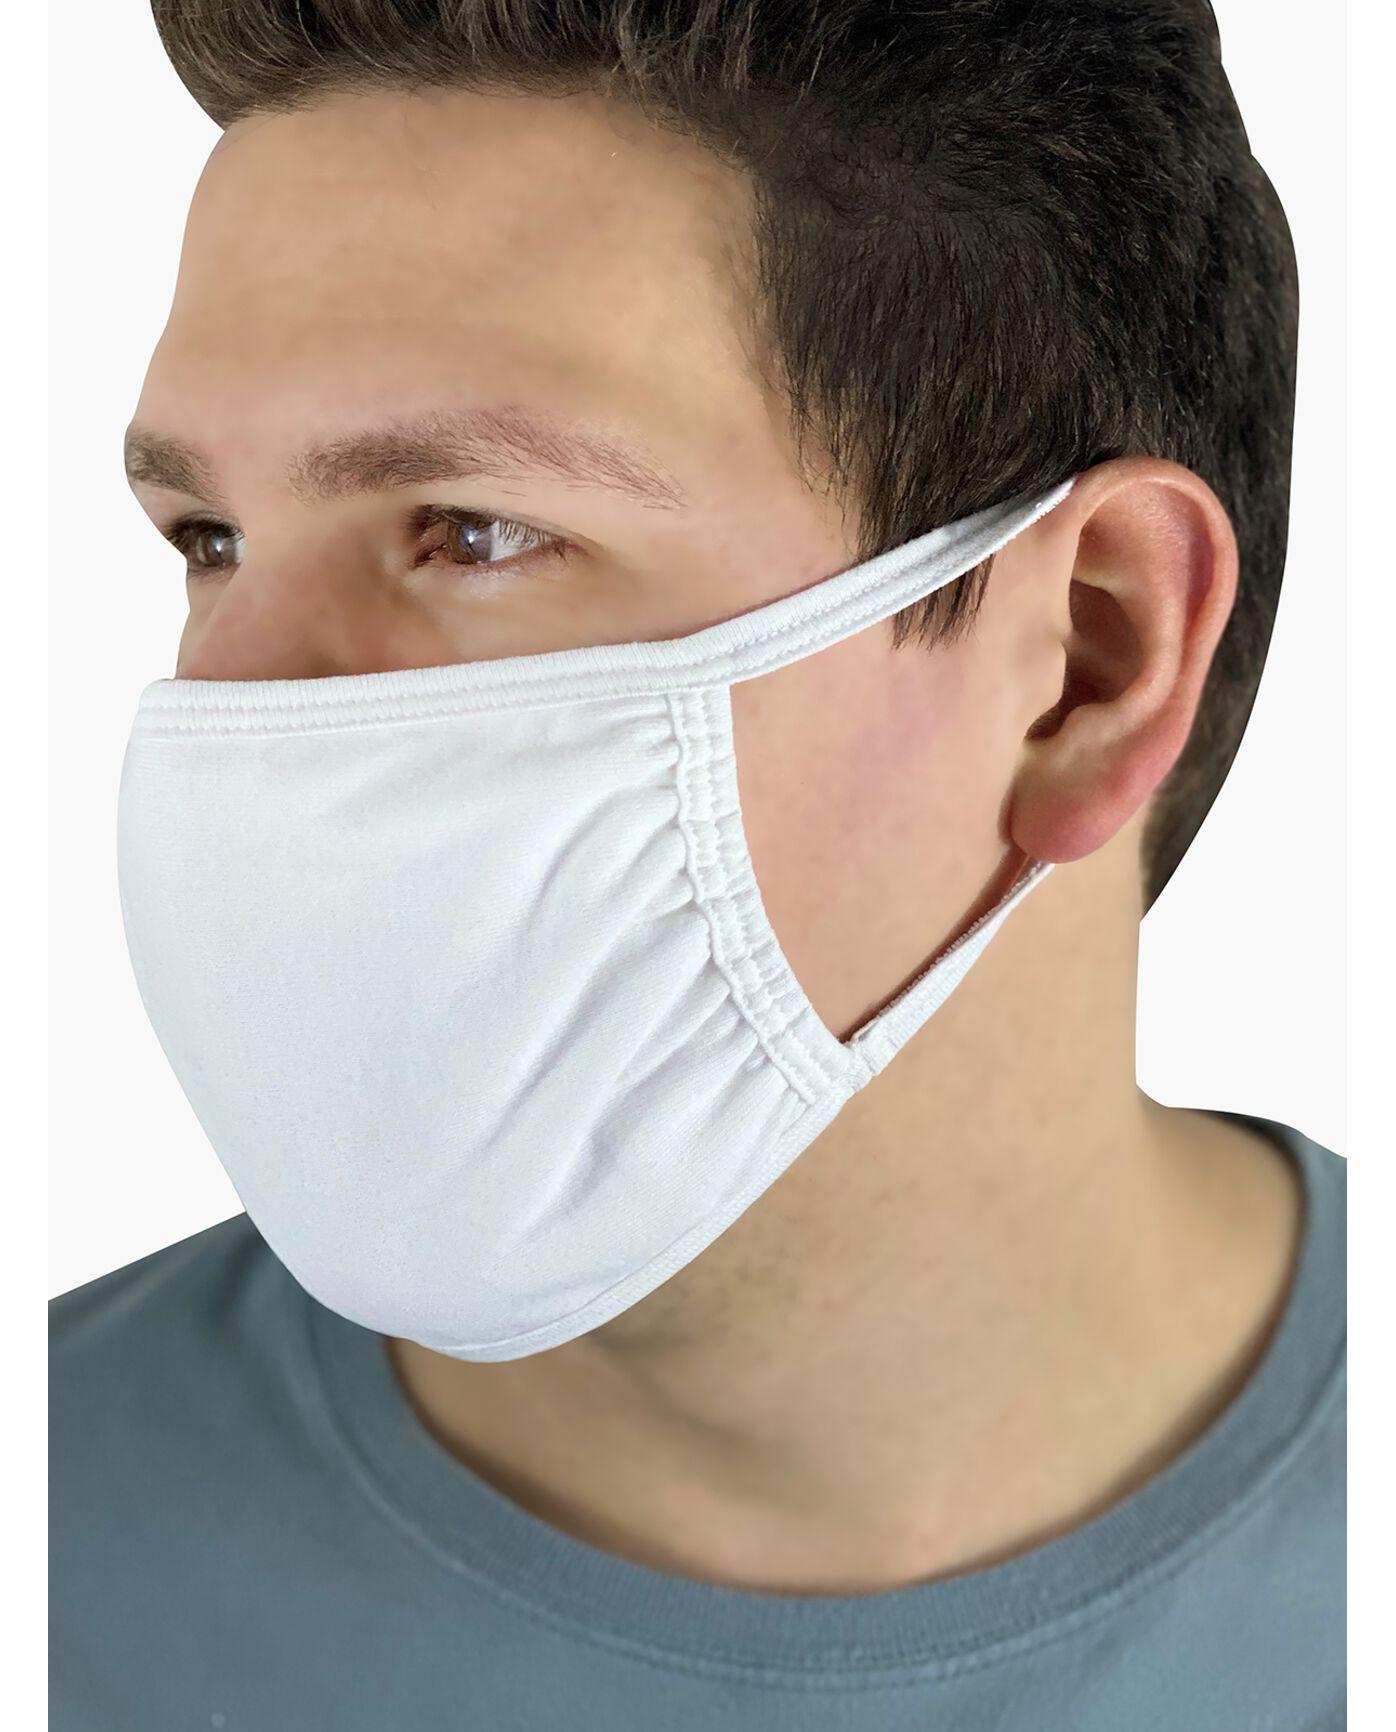 Reusable Cotton Face Mask Non-Medical, 5 Pack $1.25